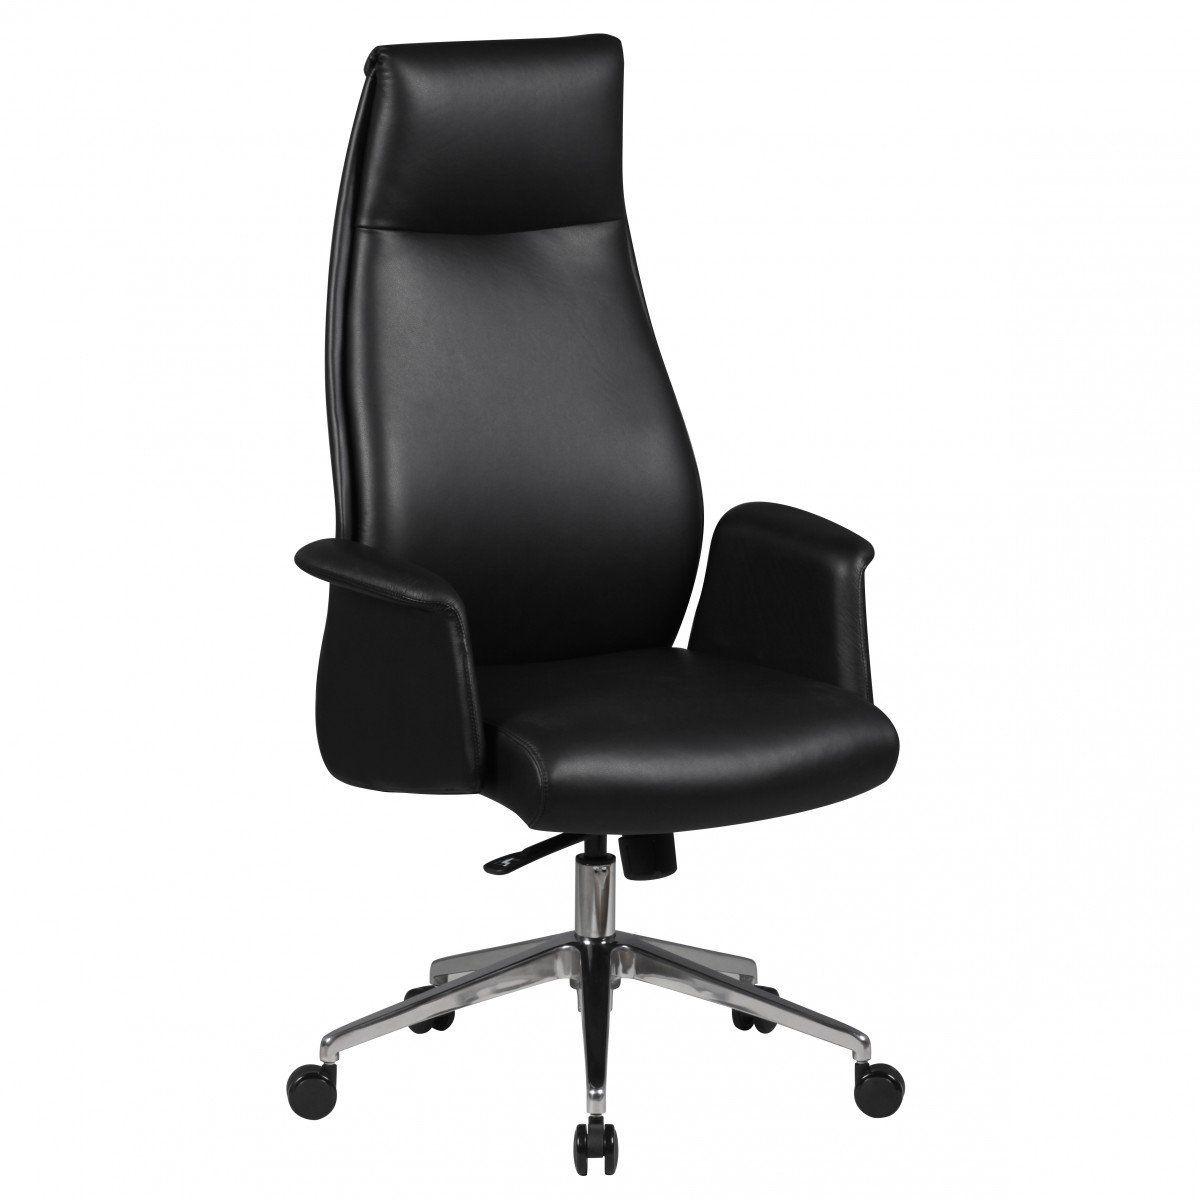 Schreibtischstuhl  AMSTYLE Bürostuhl FRANKLIN Echt-Leder Schwarz Schreibtischstuhl ...